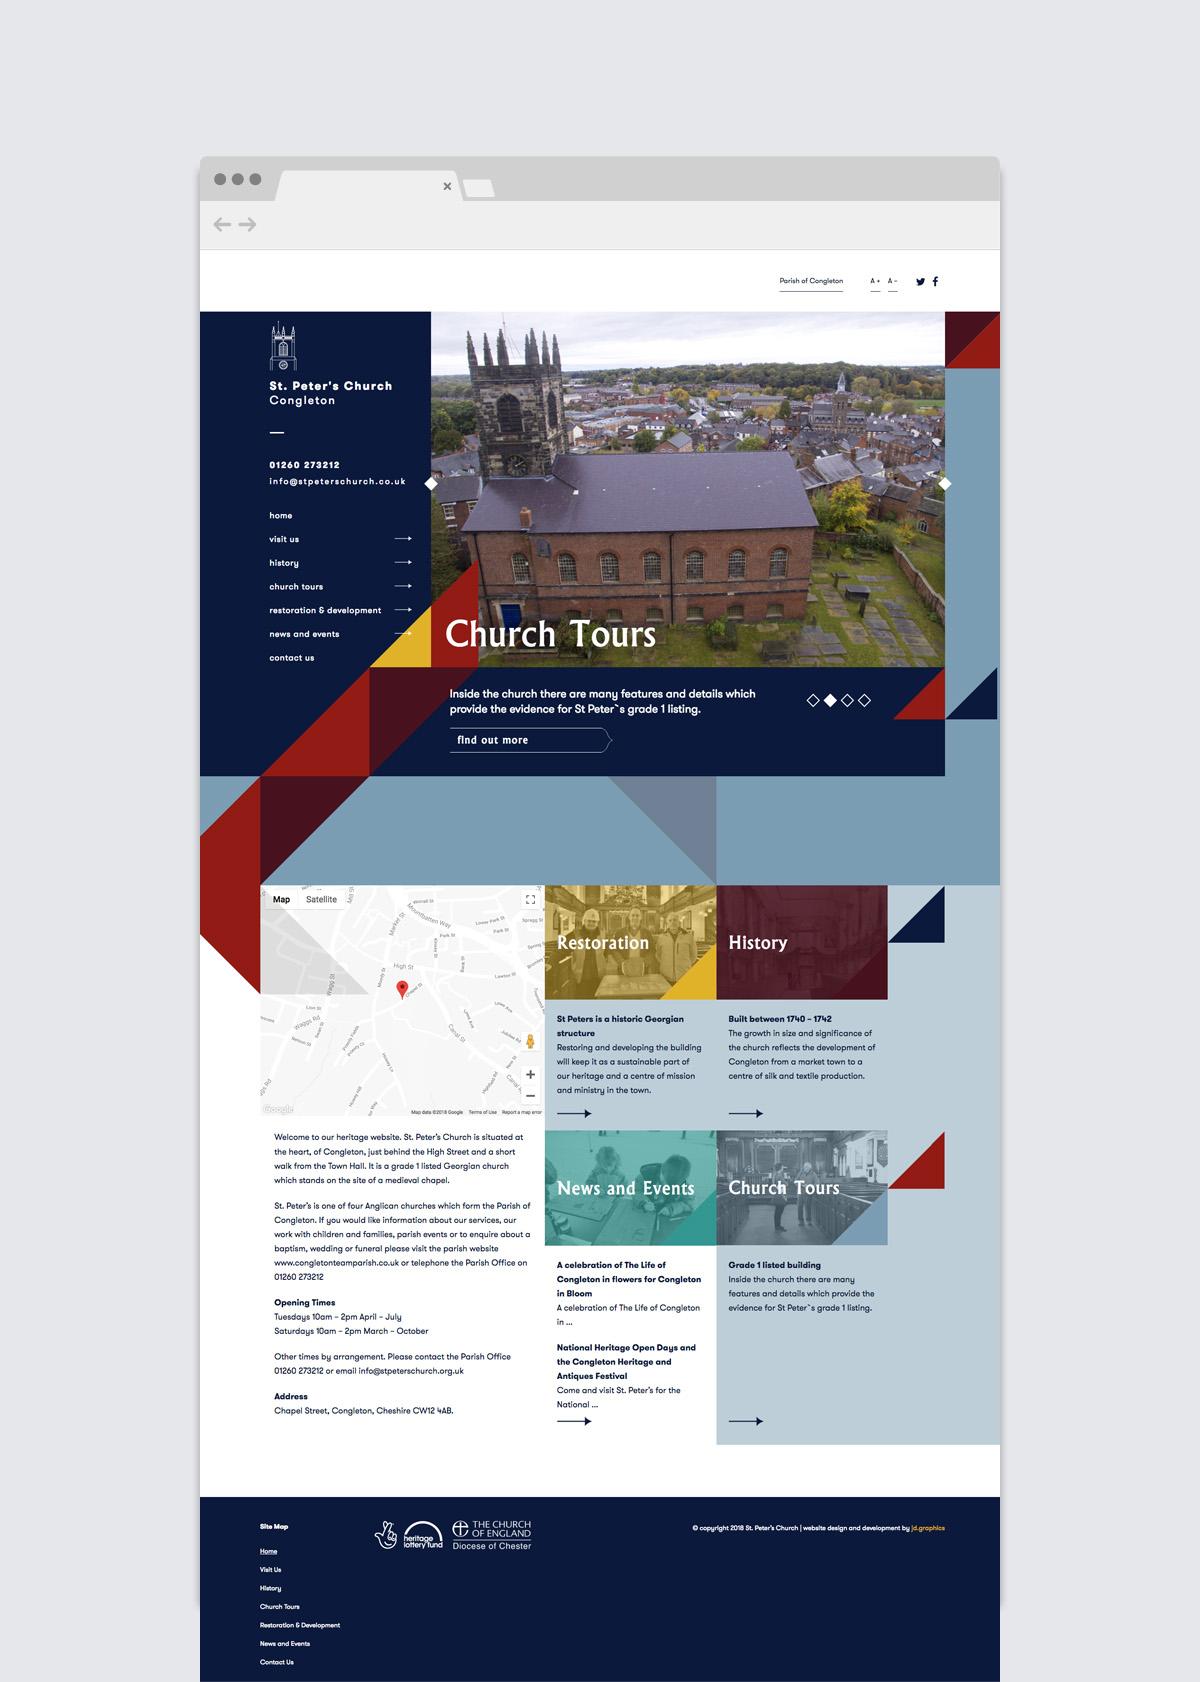 Church Tours - Website Design